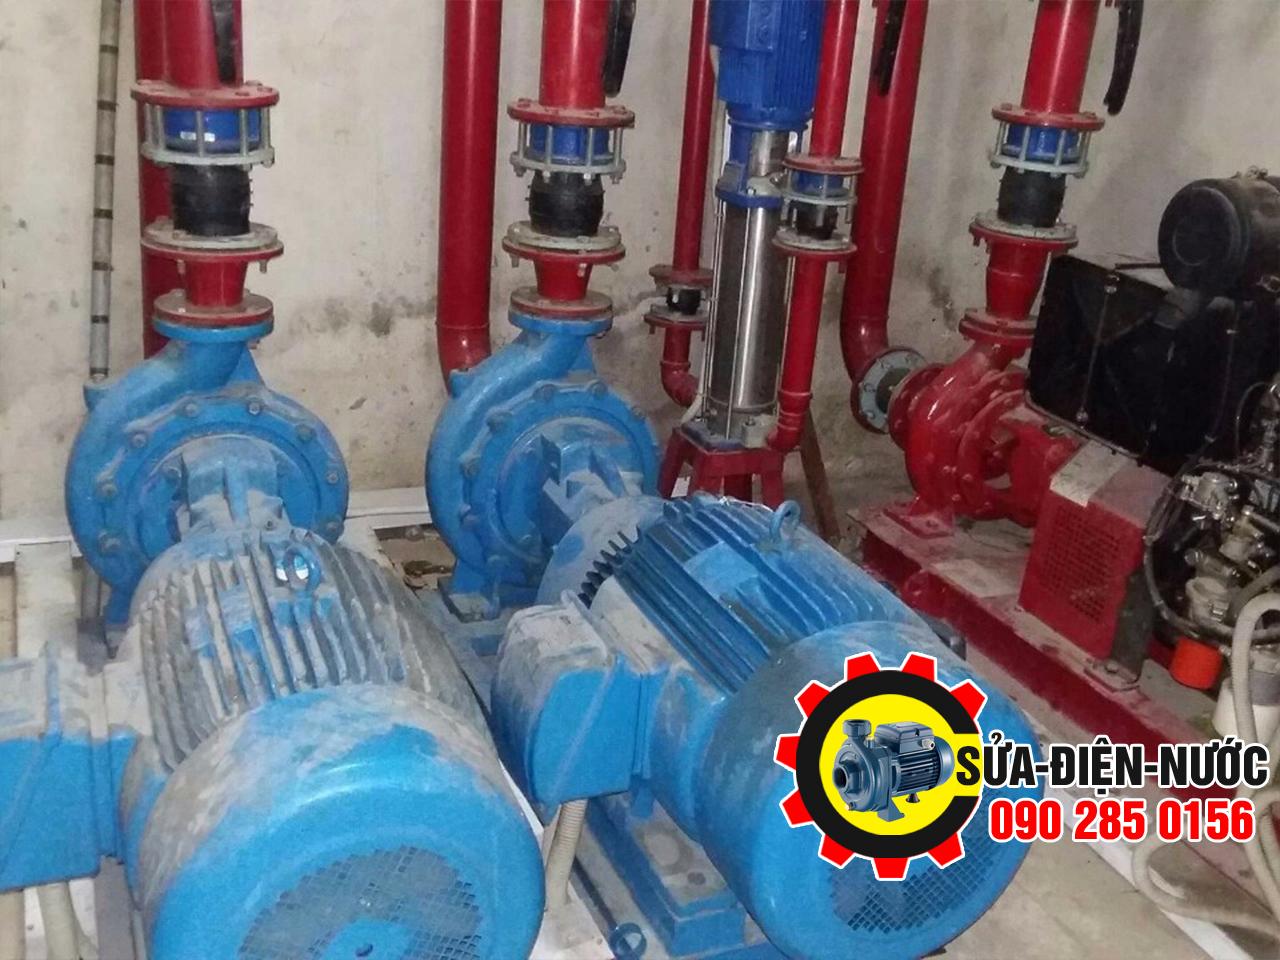 Sửa máy bơm nước Quận 11 - Thợ Sửa máy bơm nước tại nhà